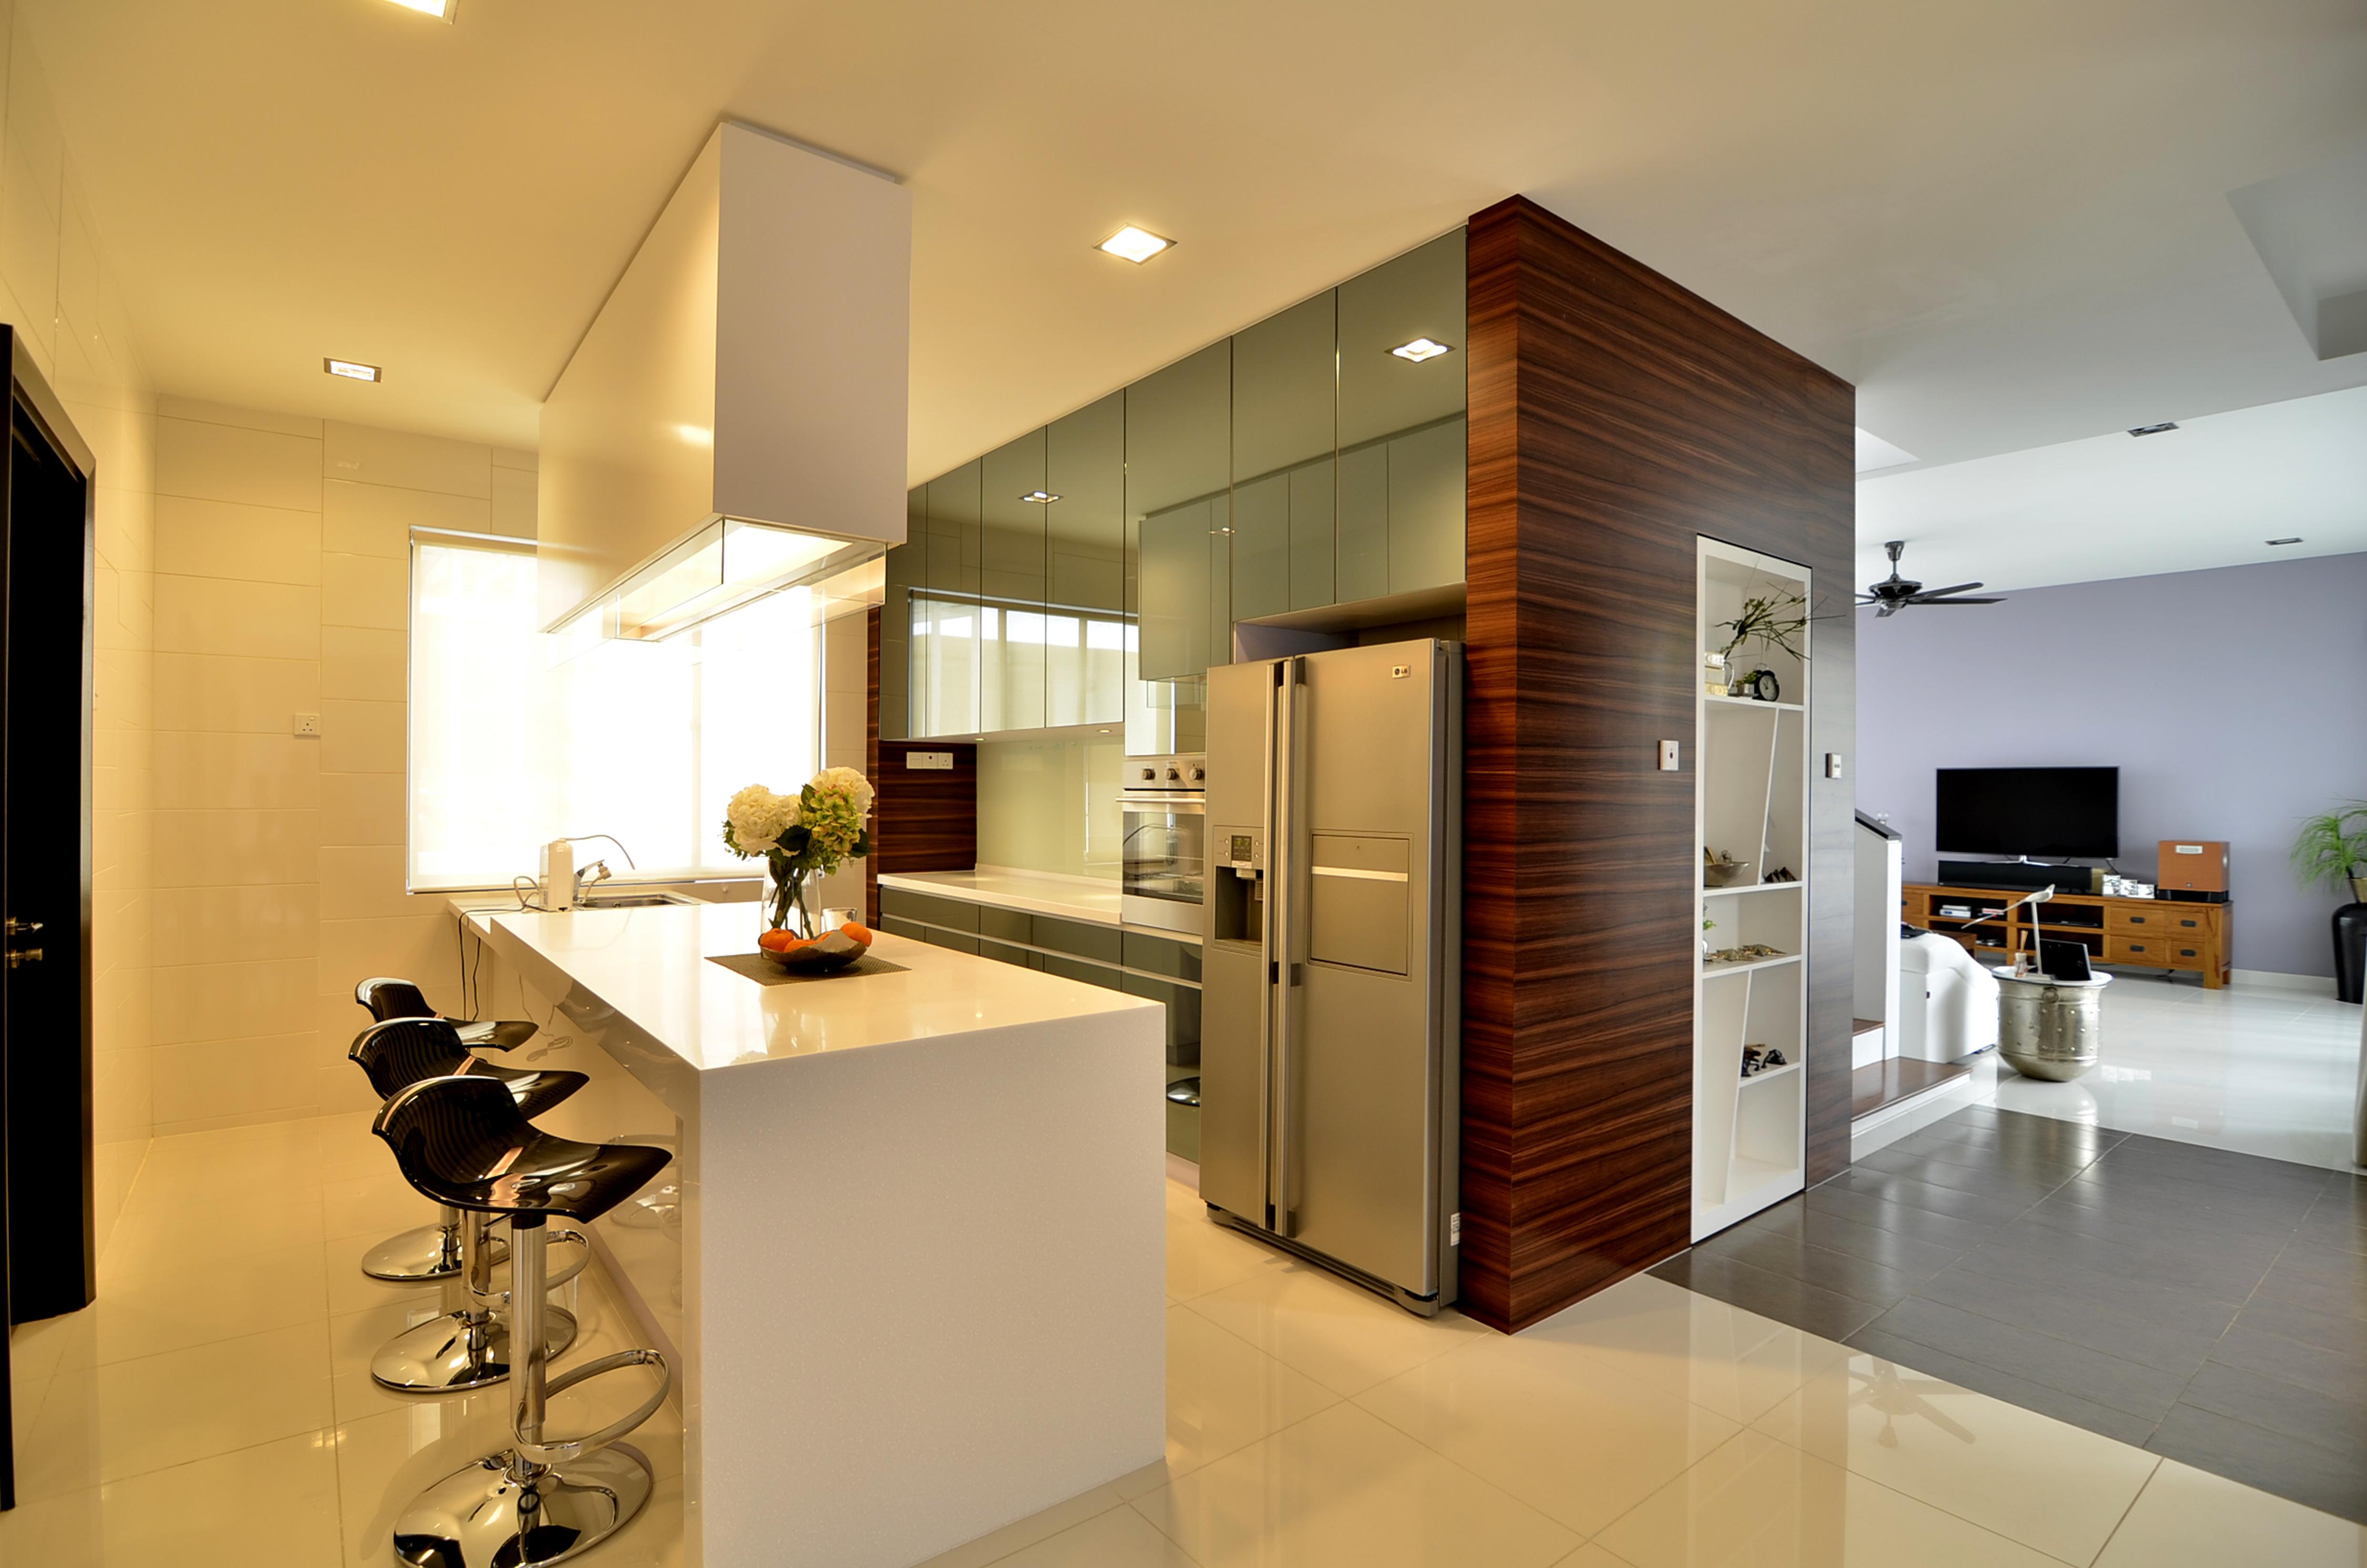 Kabinet dapur dengan storage serta mini bar berwarna putih